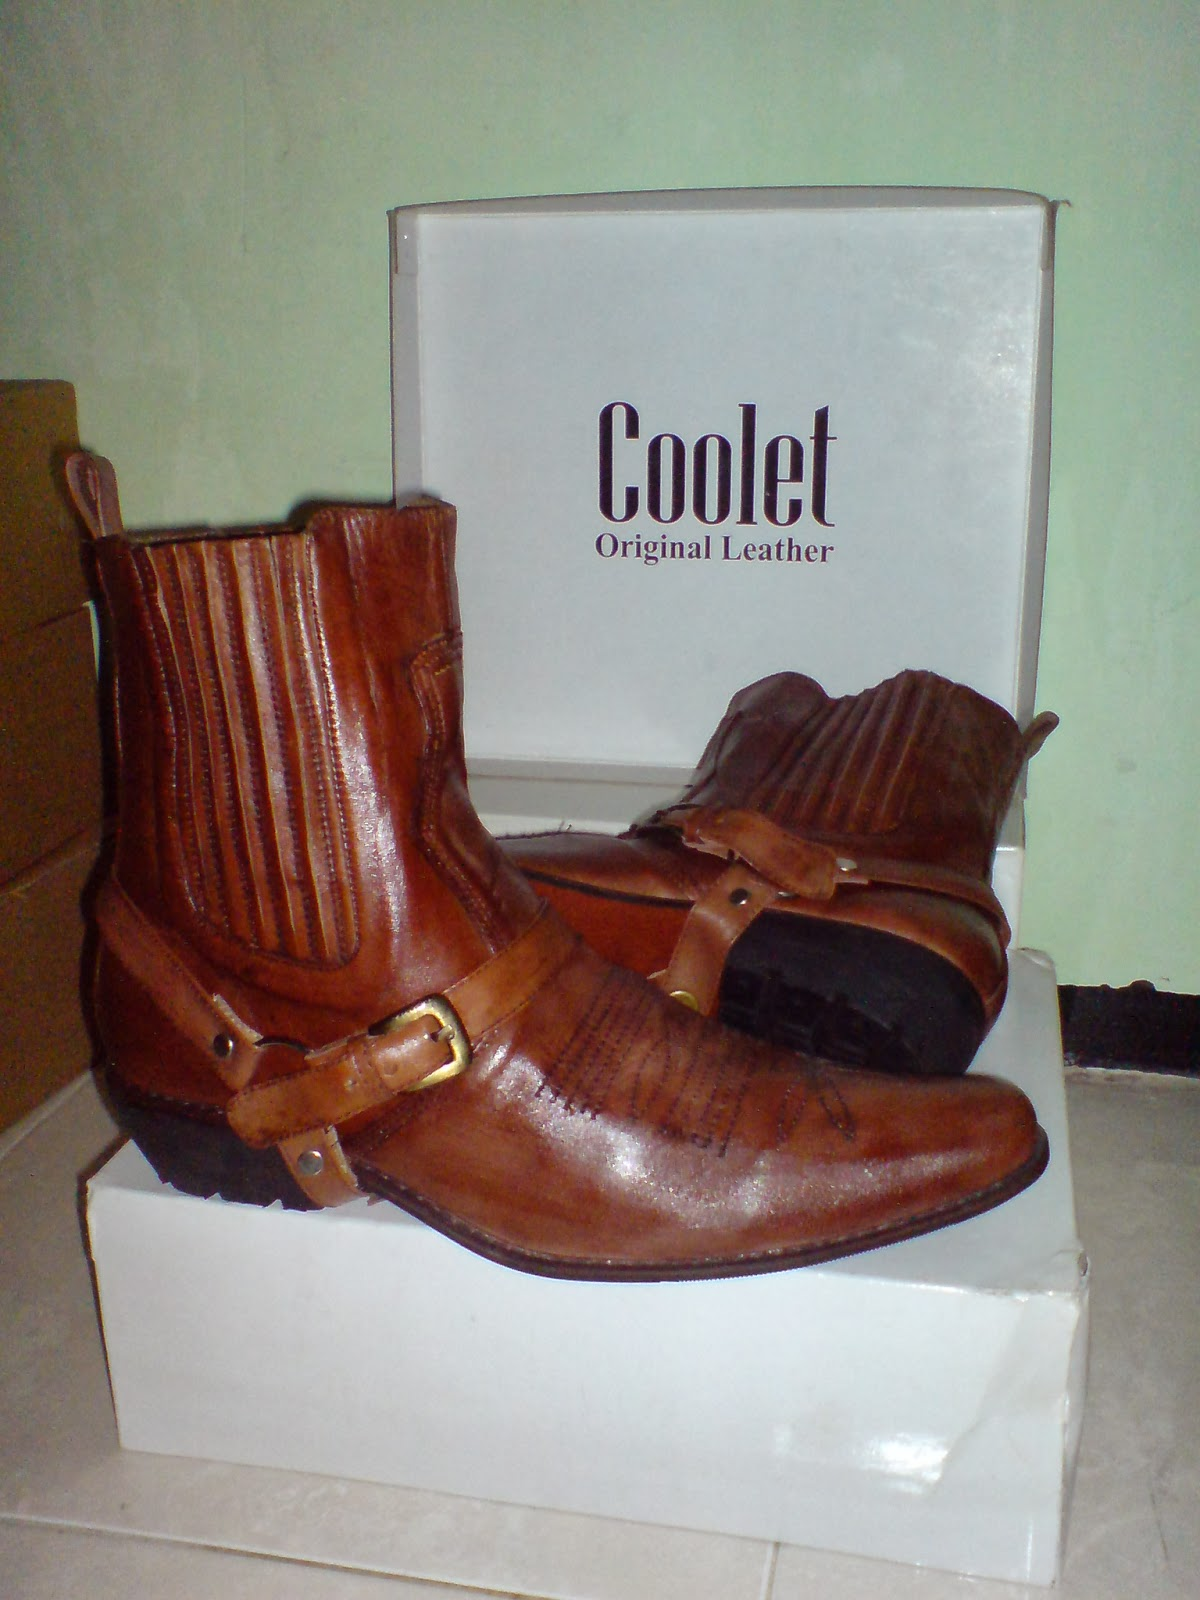 Jual Sepatu Kulit - Pesan Sepatu Murah - 085646750558 pin